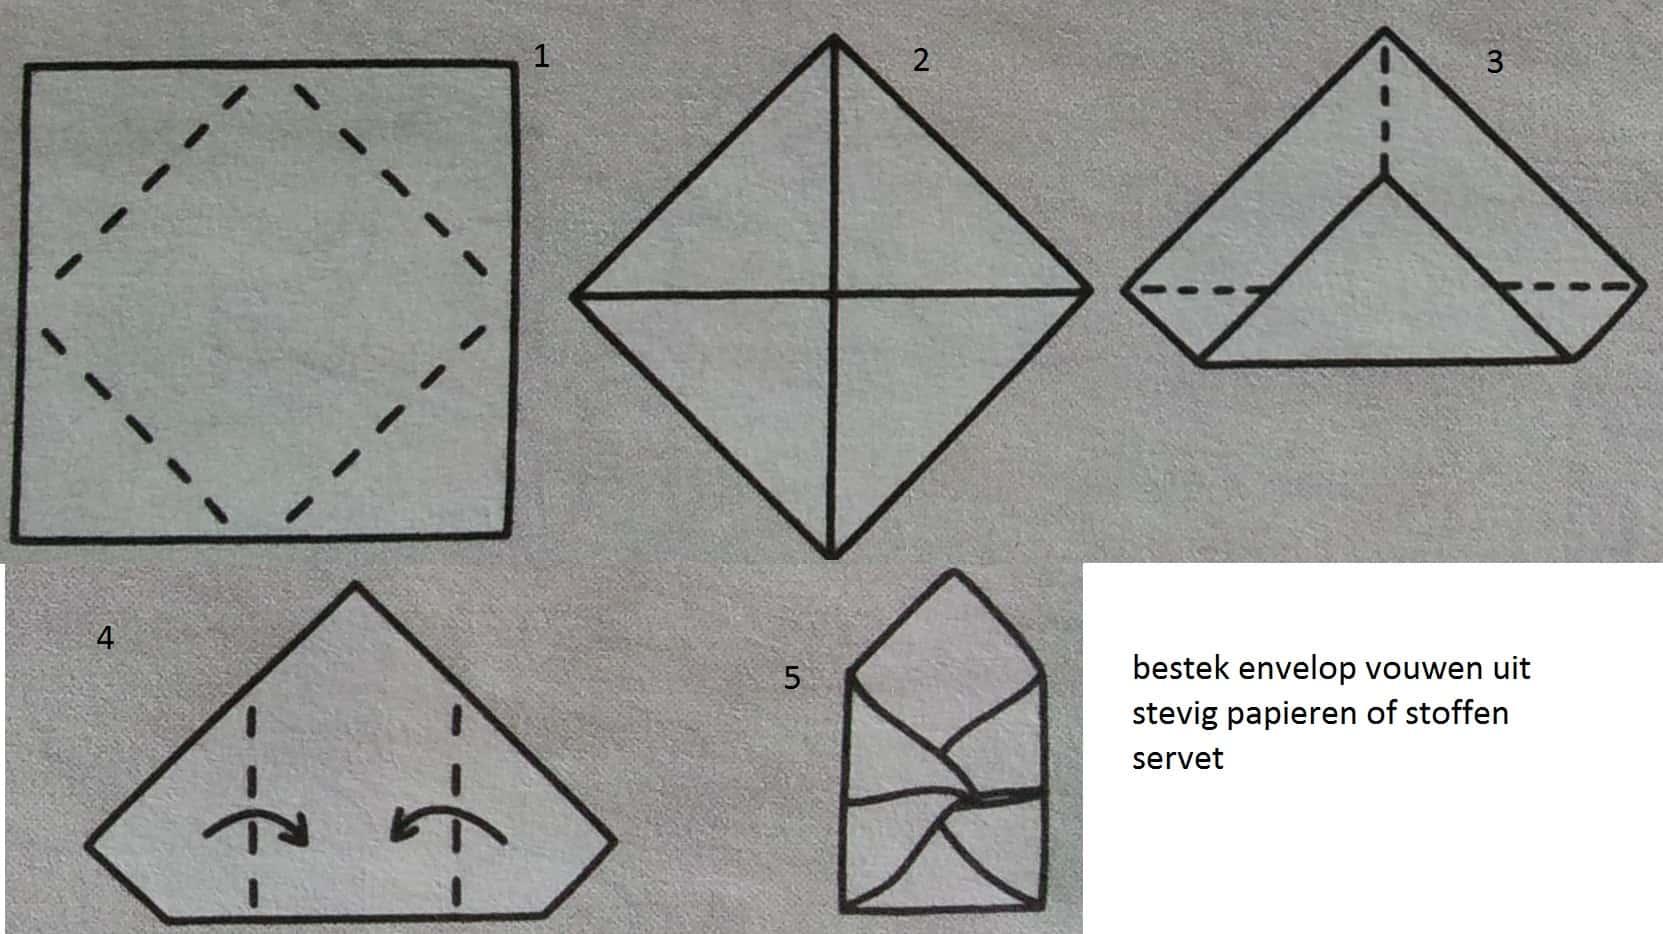 Favoriete Envelop vouwen met servet - Hobby.blogo.nl #IW61